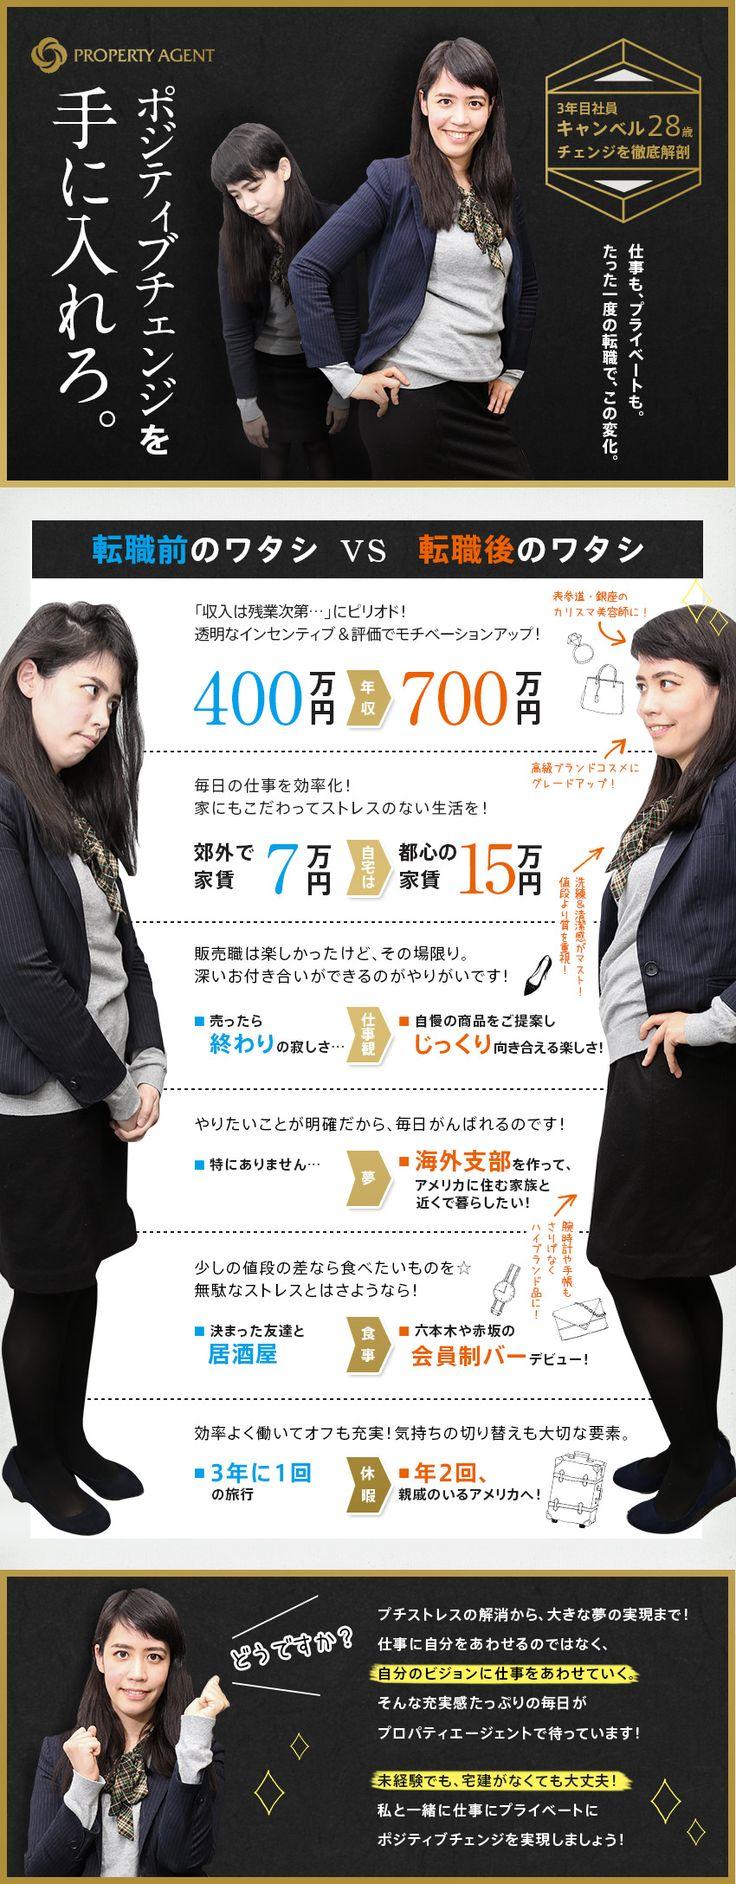 プロパティエージェント株式会社【JASDAQ上場】/アセットプランナー(宅建は不要/平均年齢約26歳の営業職)の求人PR - 転職ならDODA(デューダ)